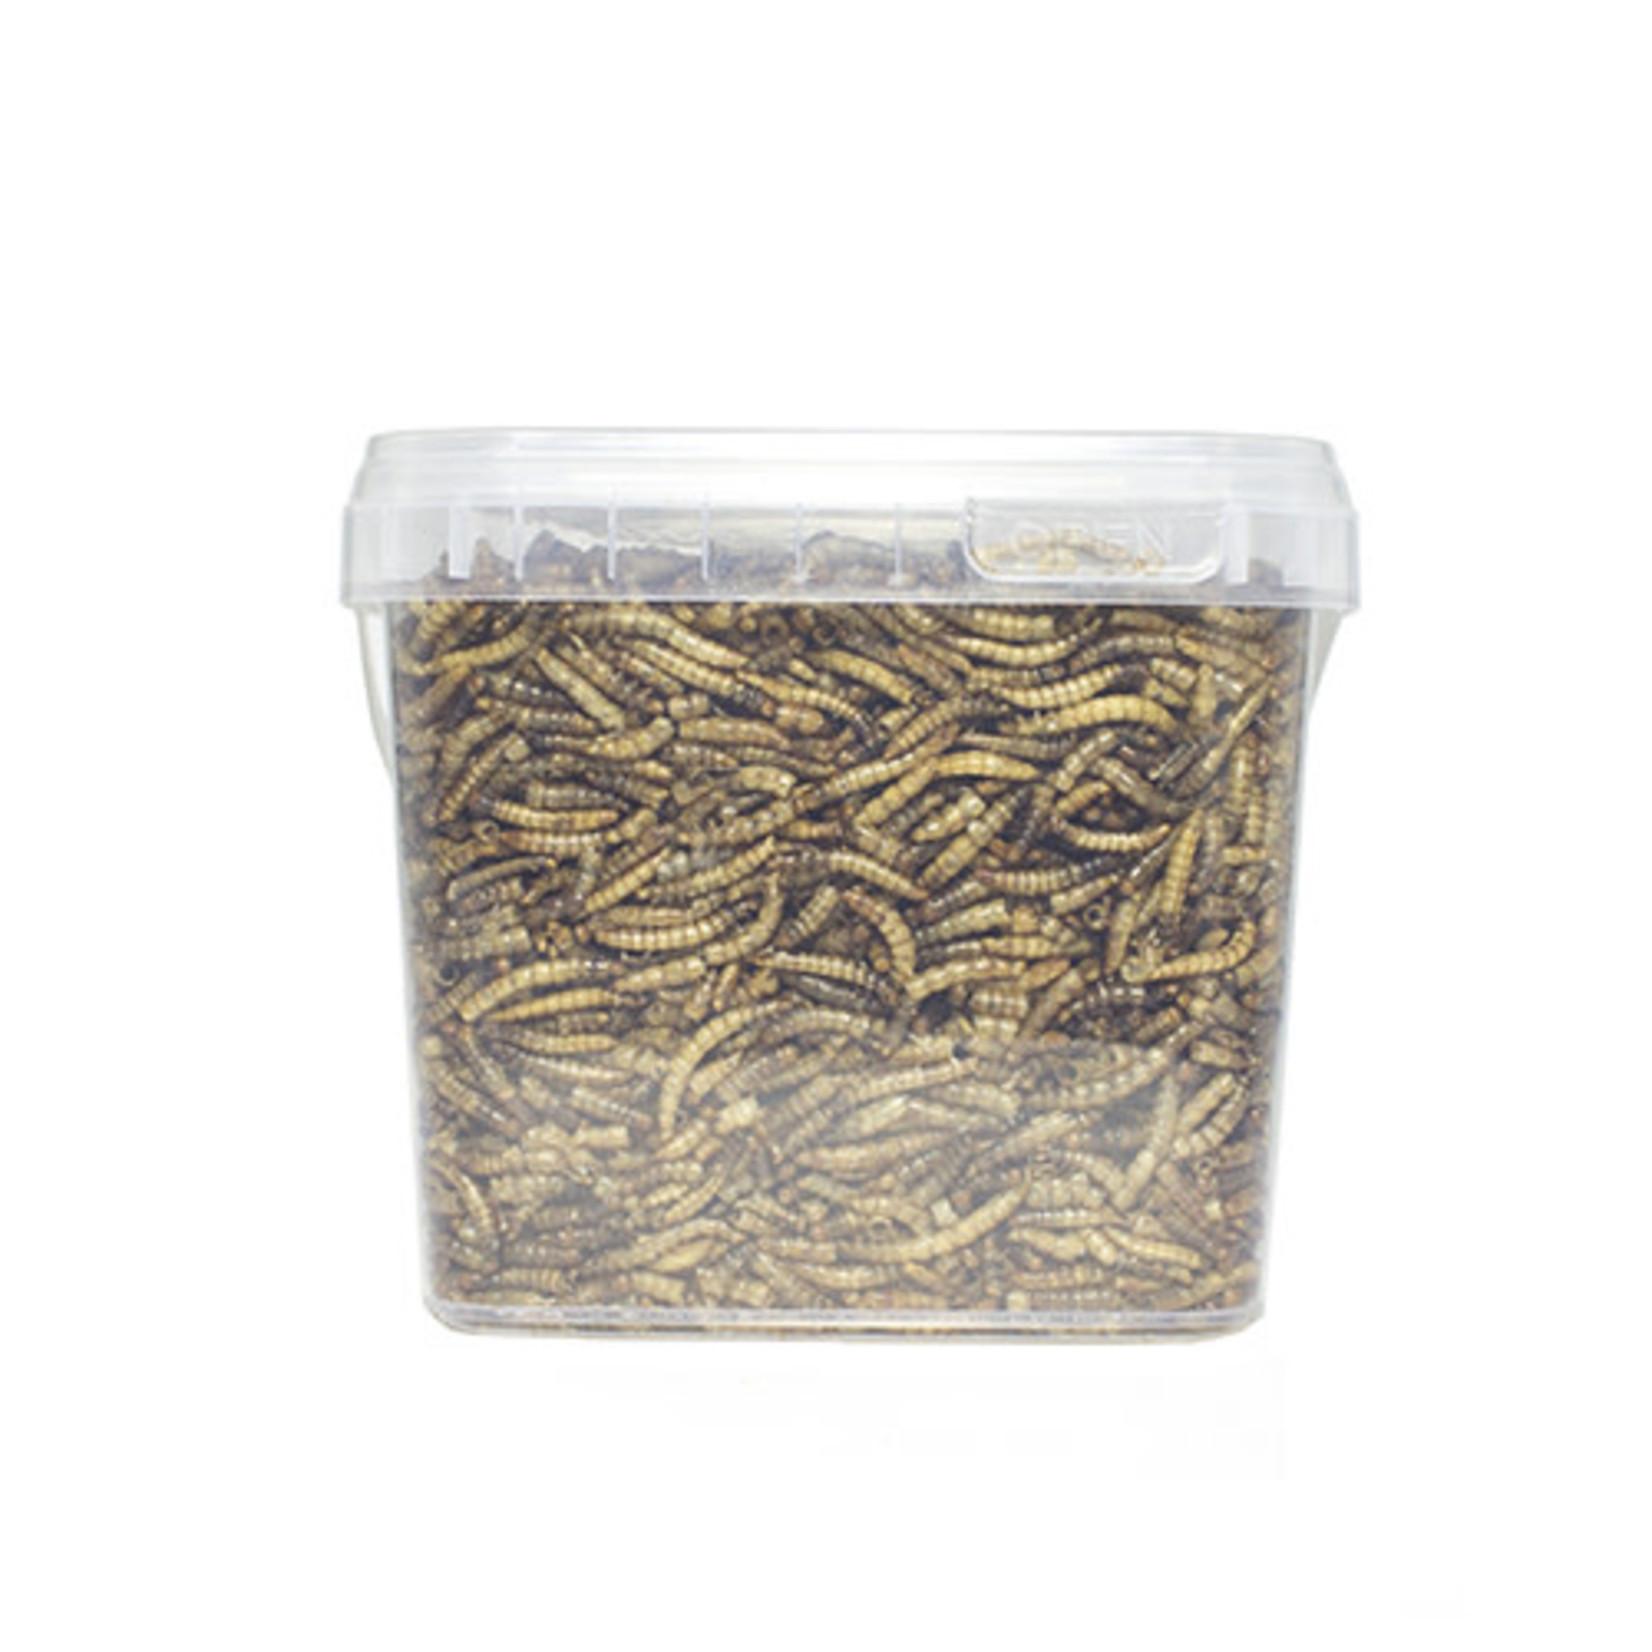 Smulders Diervoeders Meelworm Buitenvogels 1,2 ltr